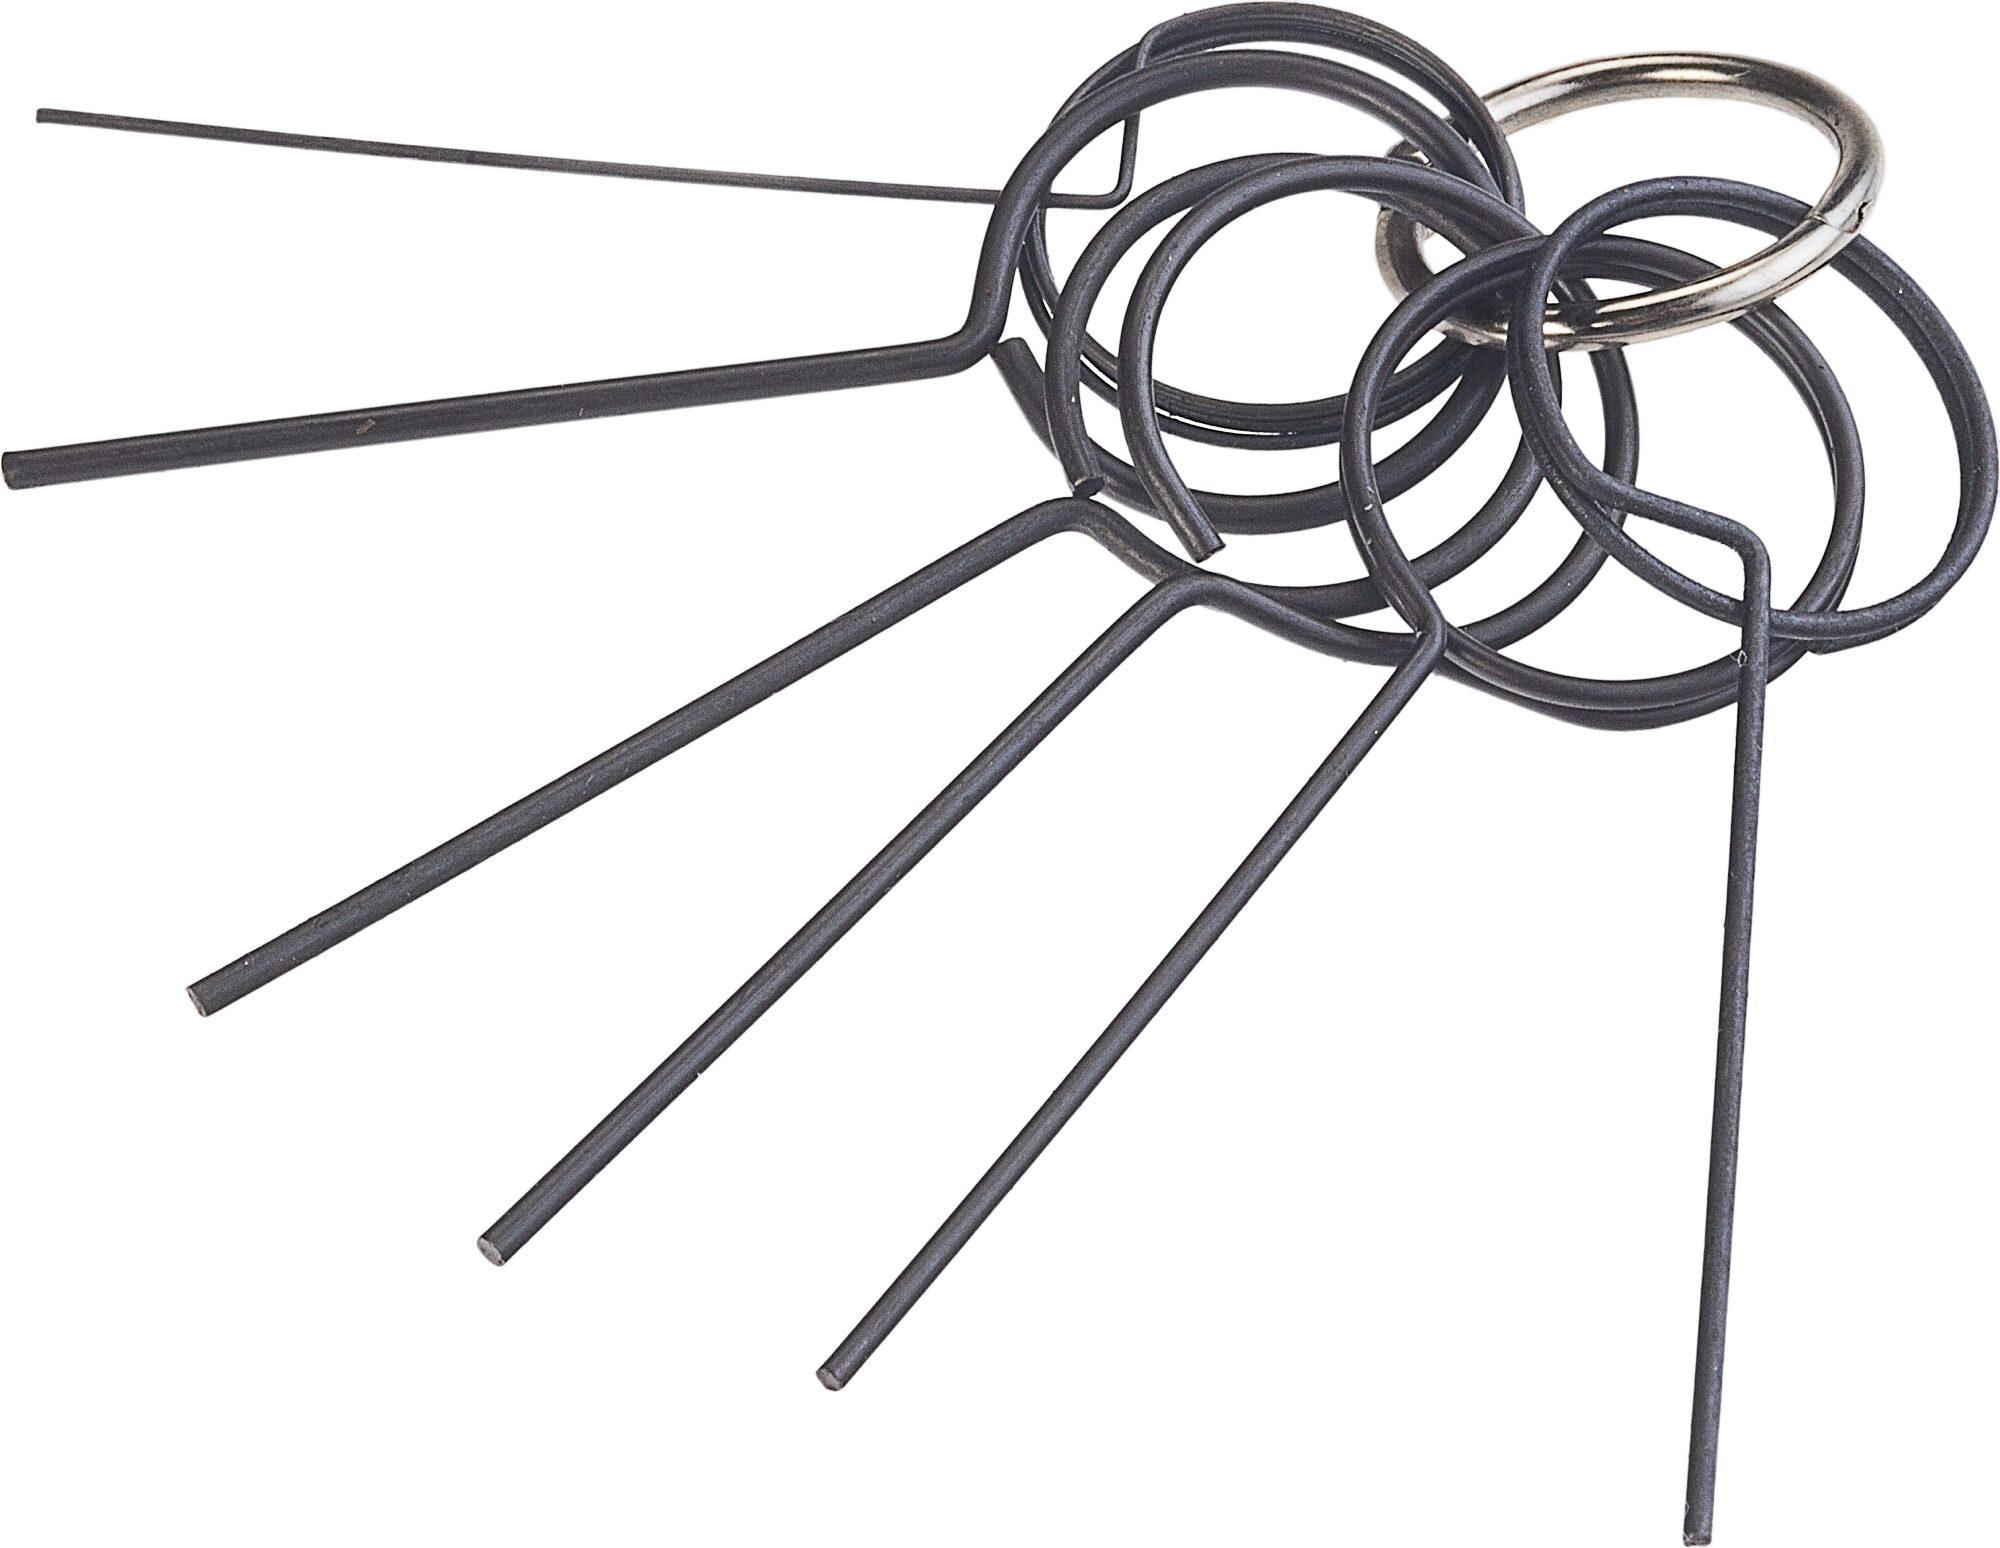 HAZET Fixierdorn Satz 4788-1/6 ∙ Anzahl Werkzeuge: 6